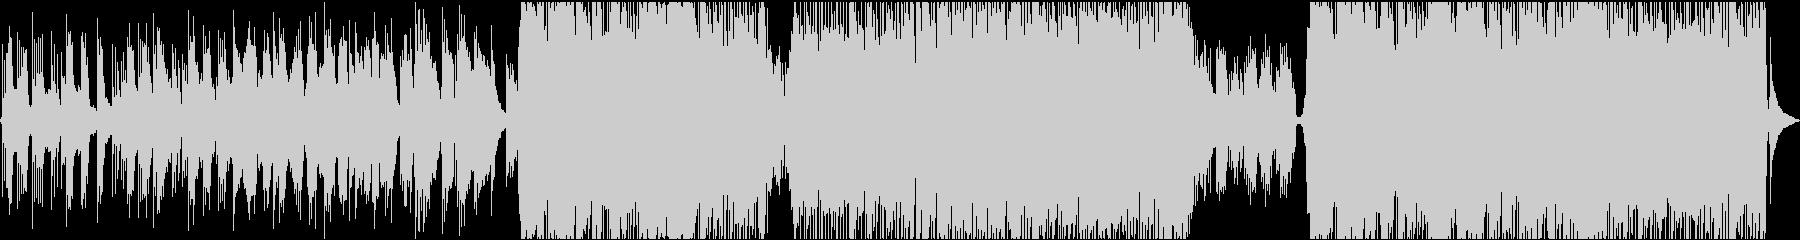 ファンタジーなバラードの未再生の波形